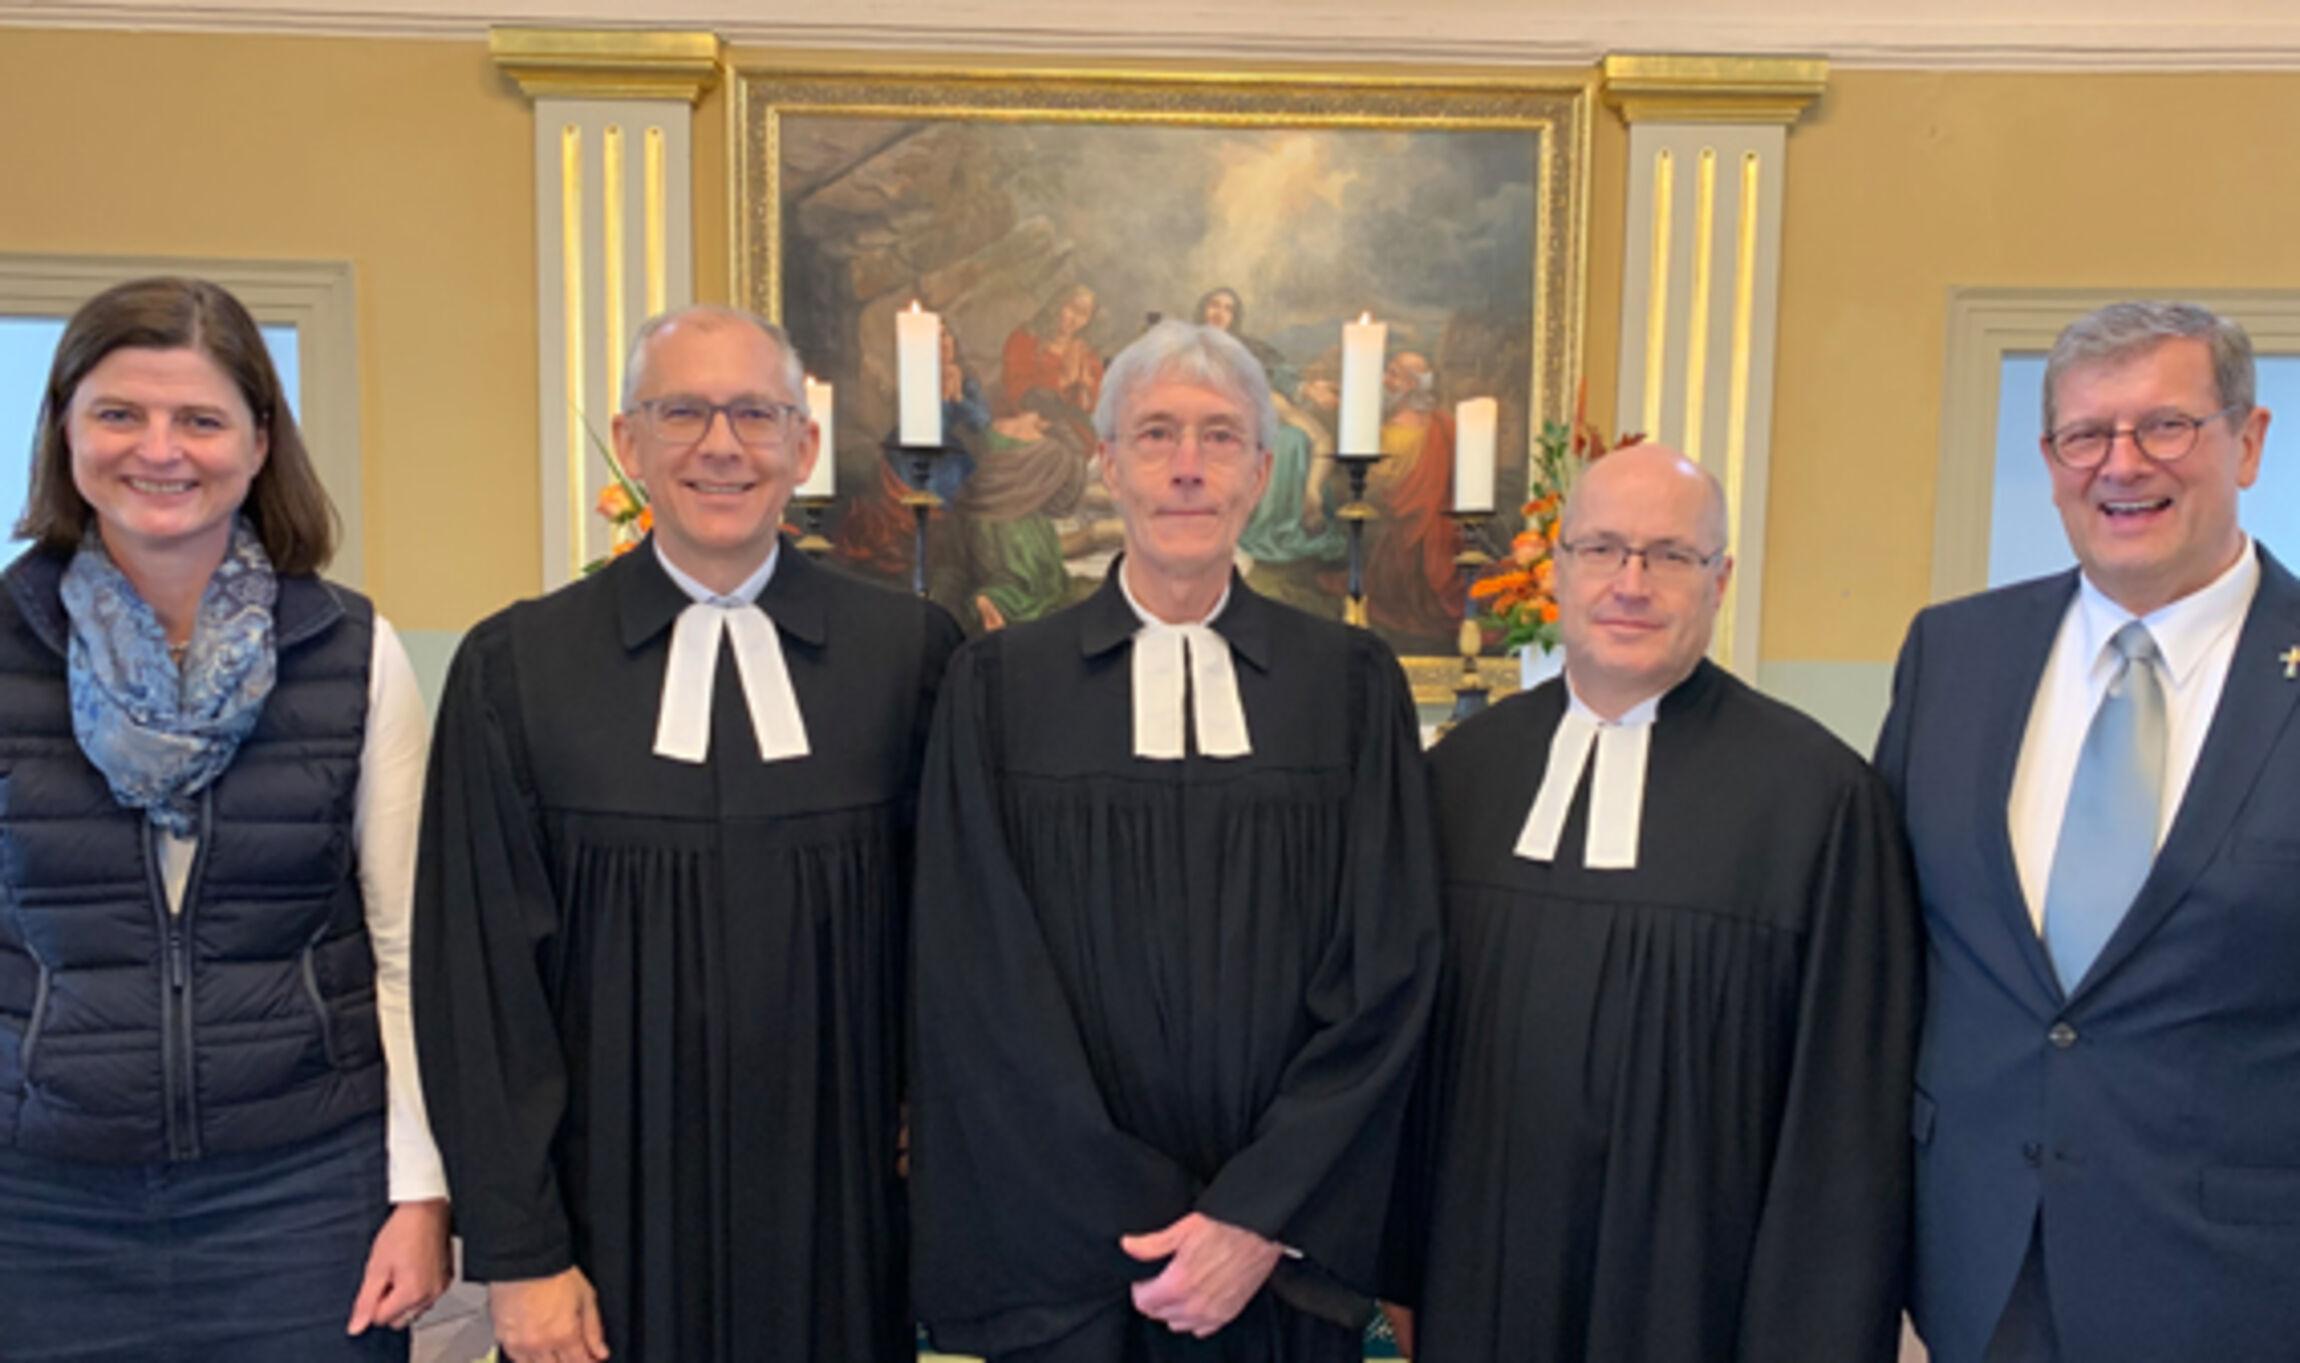 v.li.: Anette Klopp, Superintedent Christian Berndt, Pastor Rüdiger Kitzmann, Pastor Helmut Kramer, Hartmut Jakobs